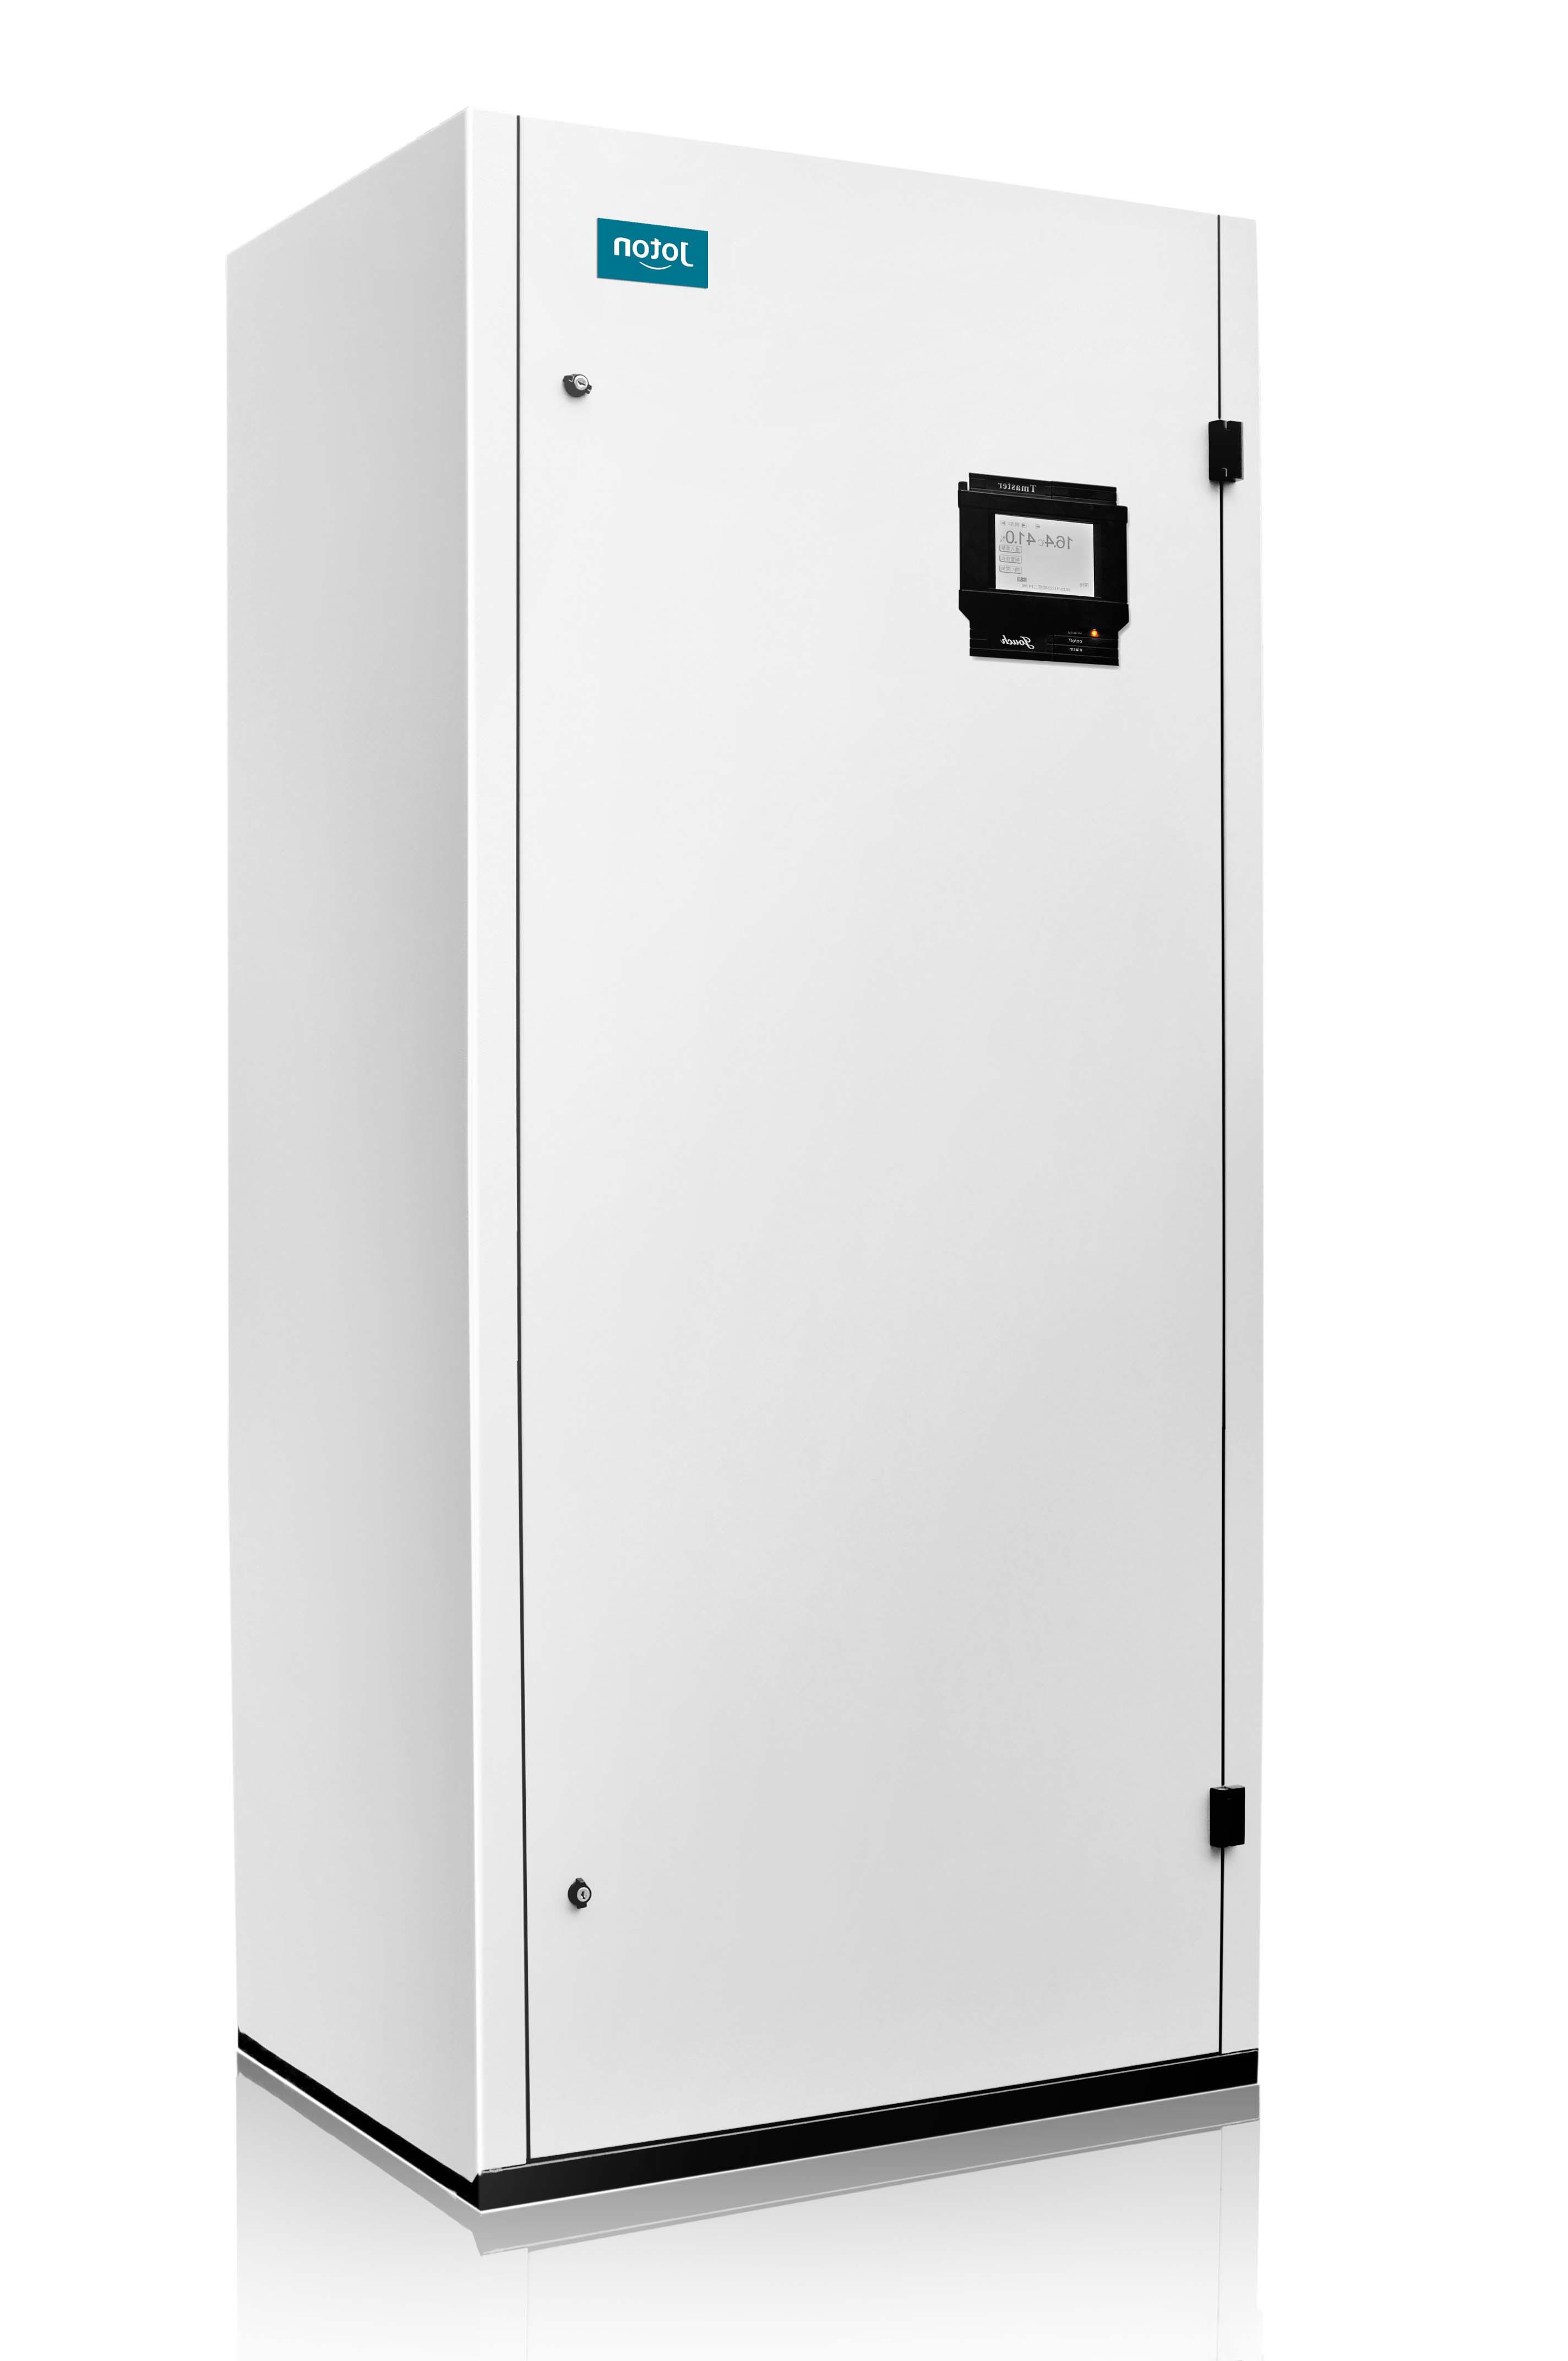 湘西特种专用空调销售公司-哪里能买?#25509;?#24800;的湖南机房精密空调